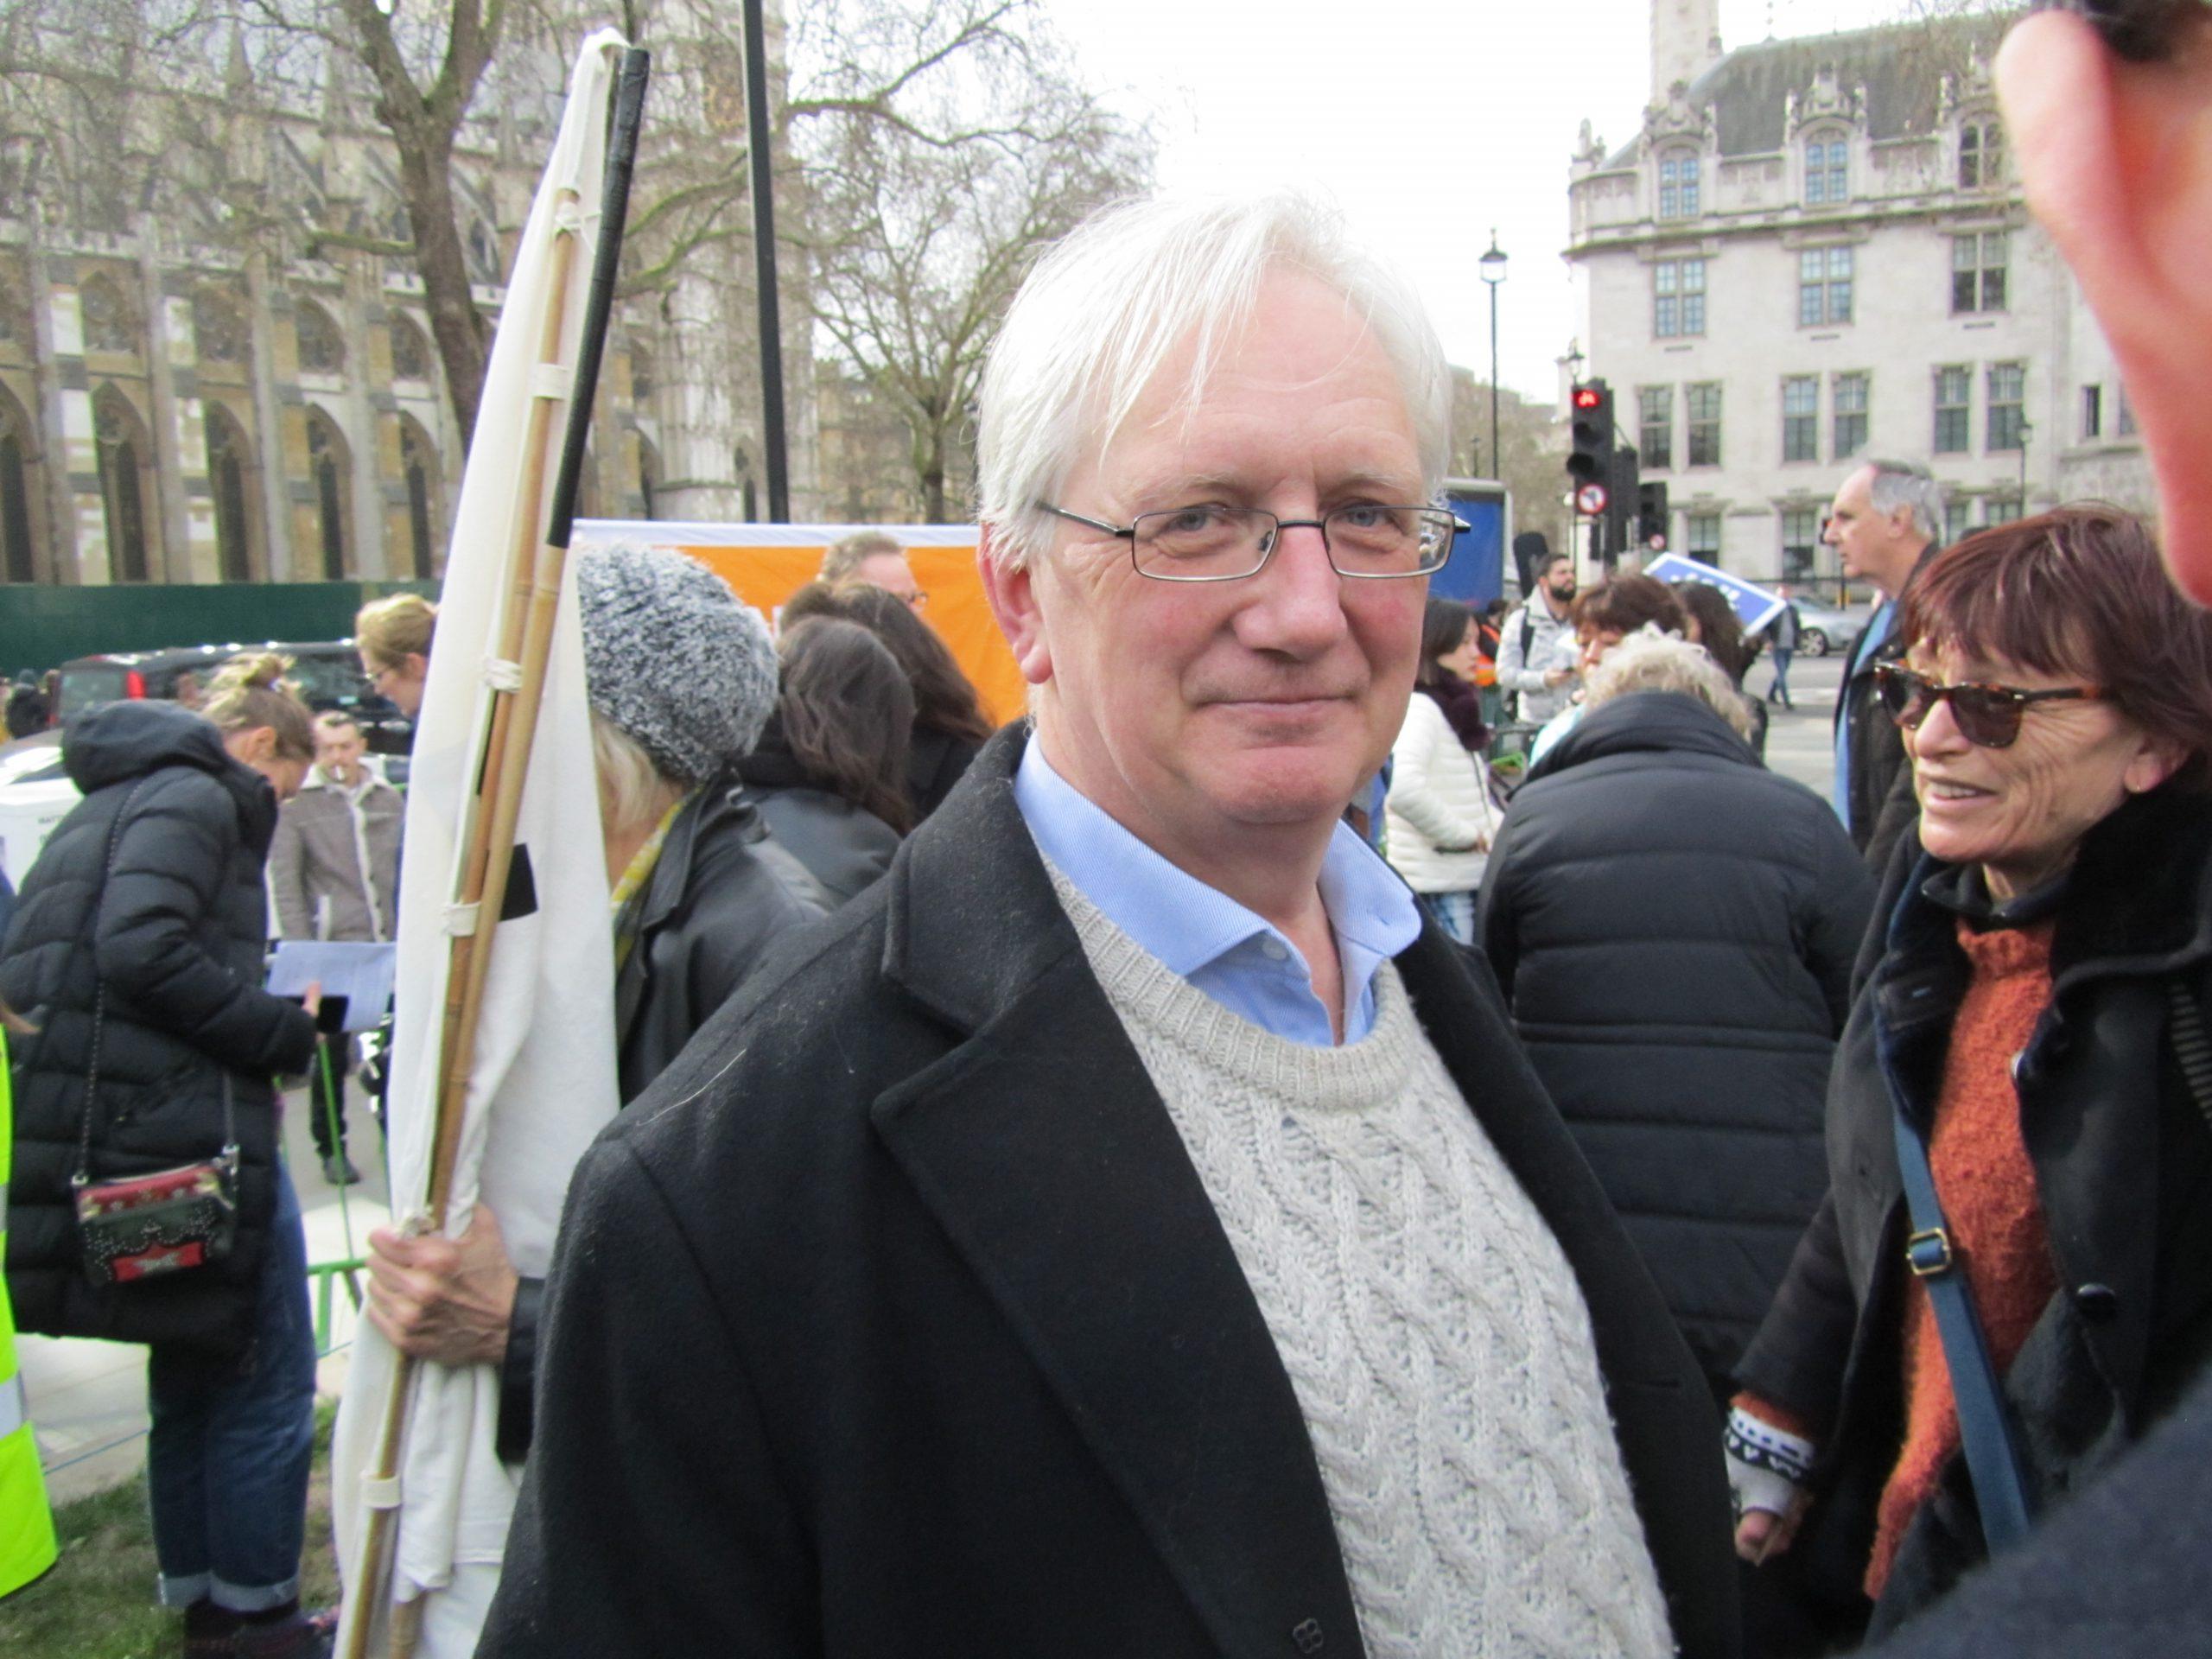 Die Inhaftierung von Craig Murray ist der jüngste Schritt im Kampf gegen den unabhängigen Journalismus